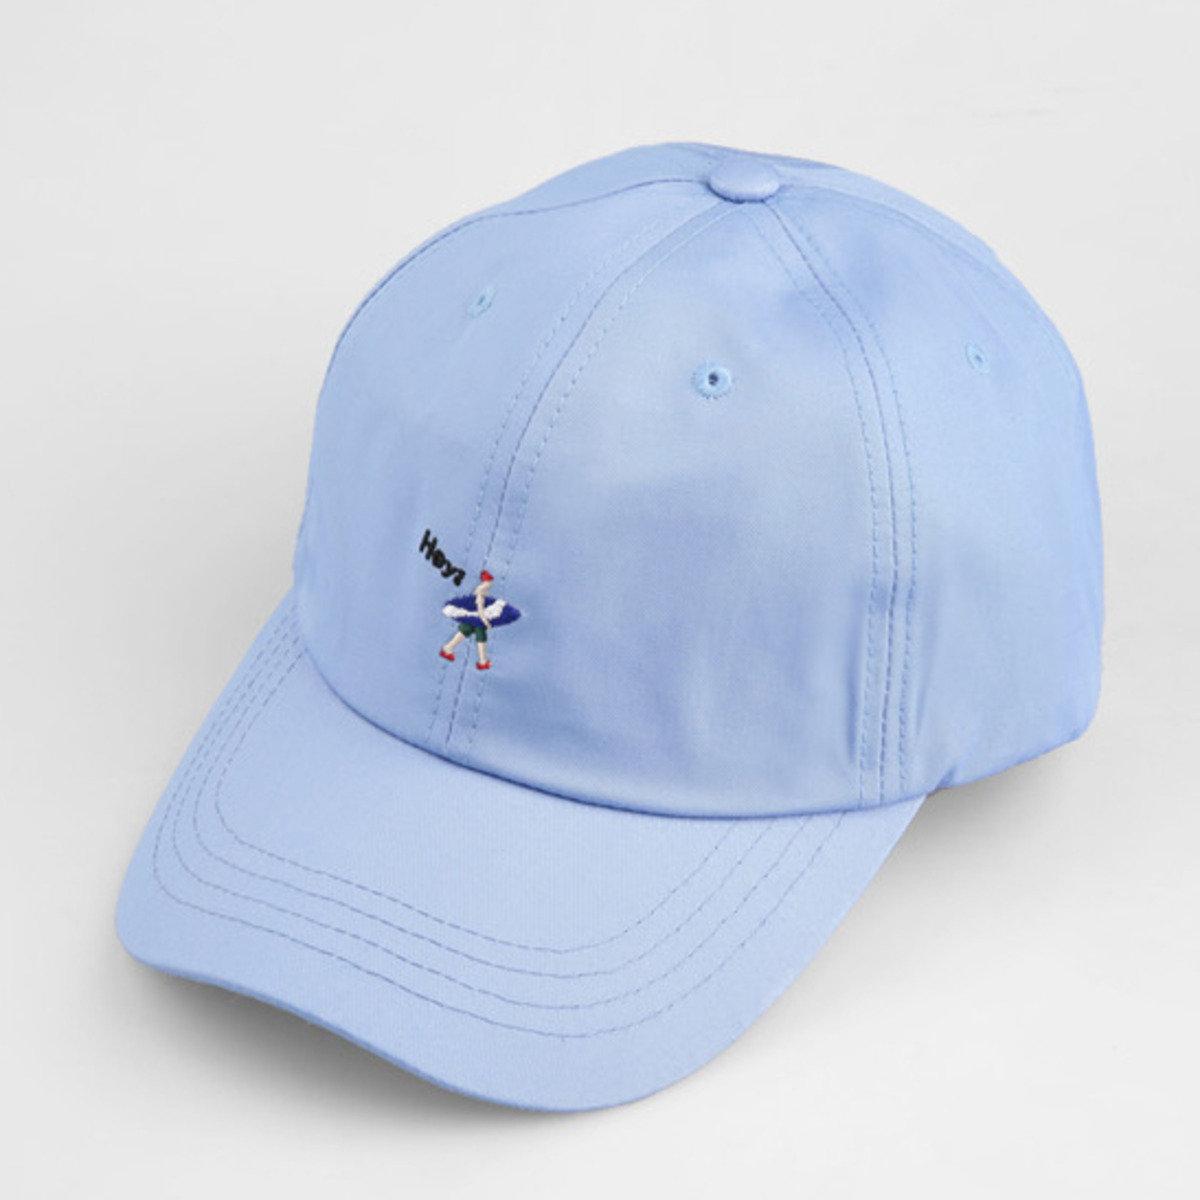 衝浪者棒球帽_CA1_160308012